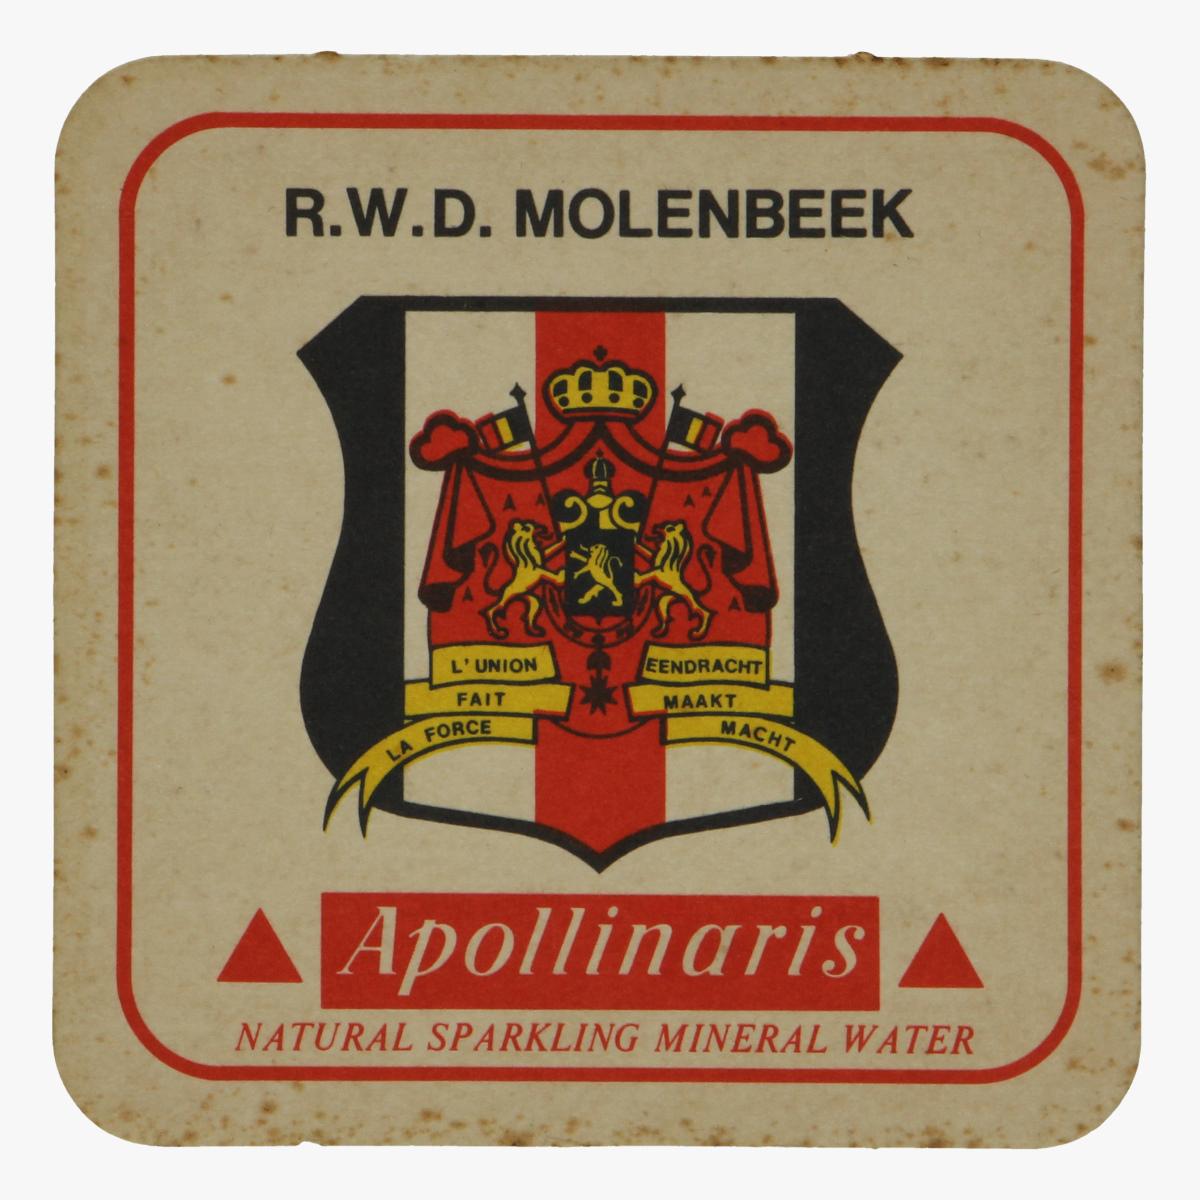 Afbeeldingen van bierkaartje r.w.d.molenbeek apollinaris